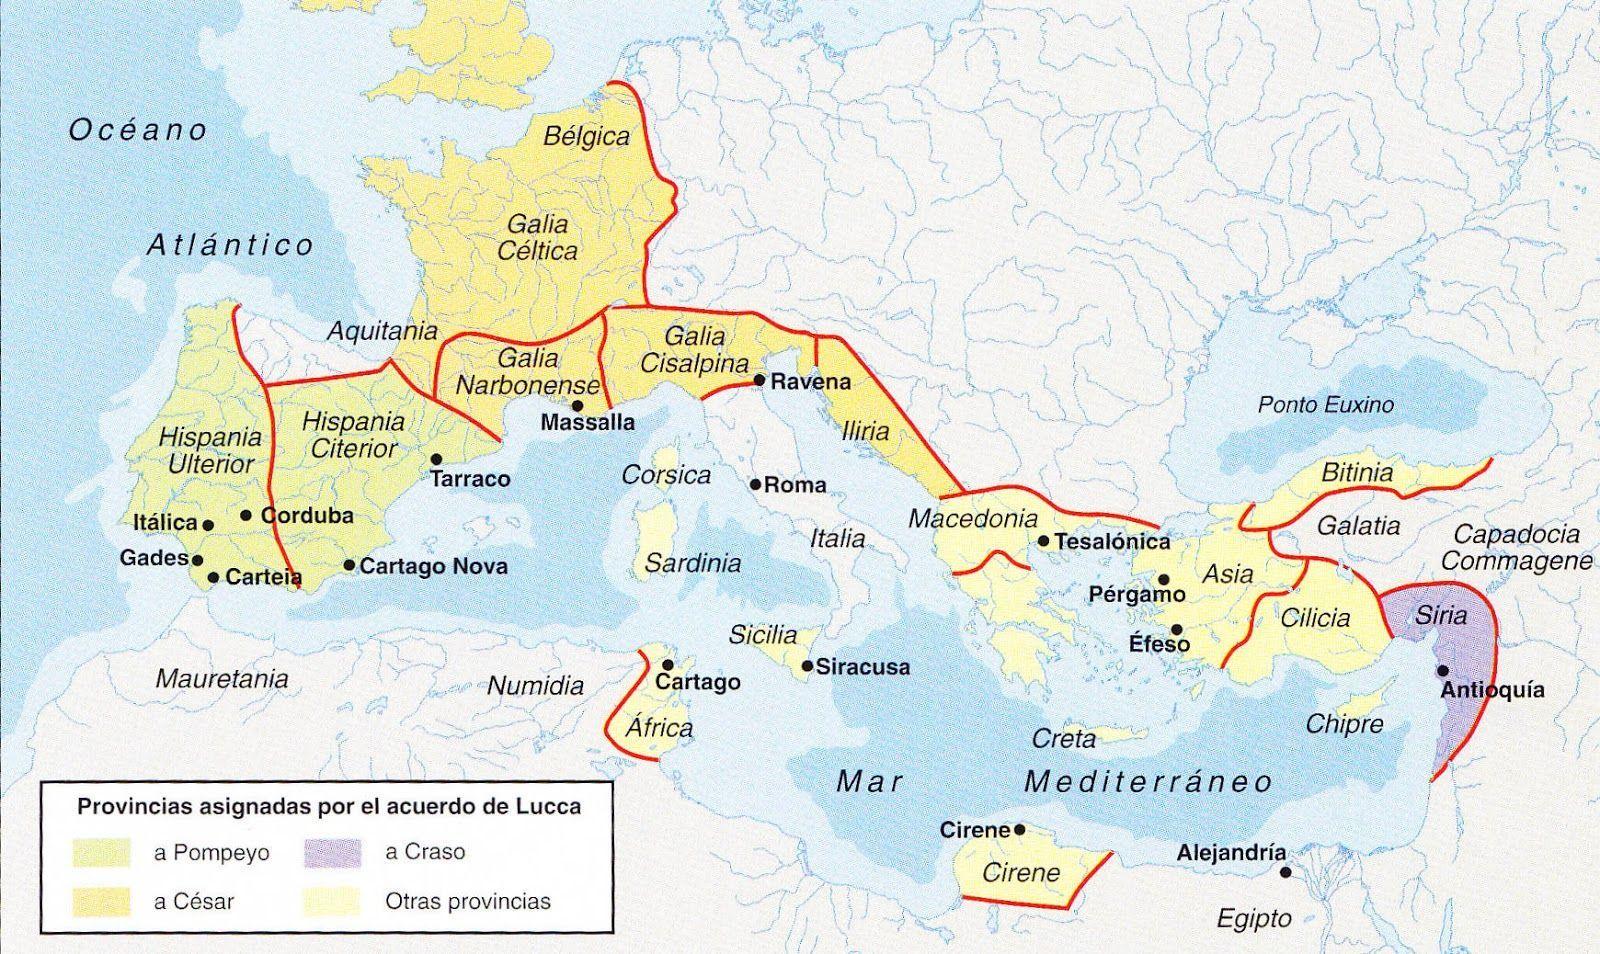 ¿En qué Batalla Julio César derrotó al ejercito Pompeyano apostado en Hispania?